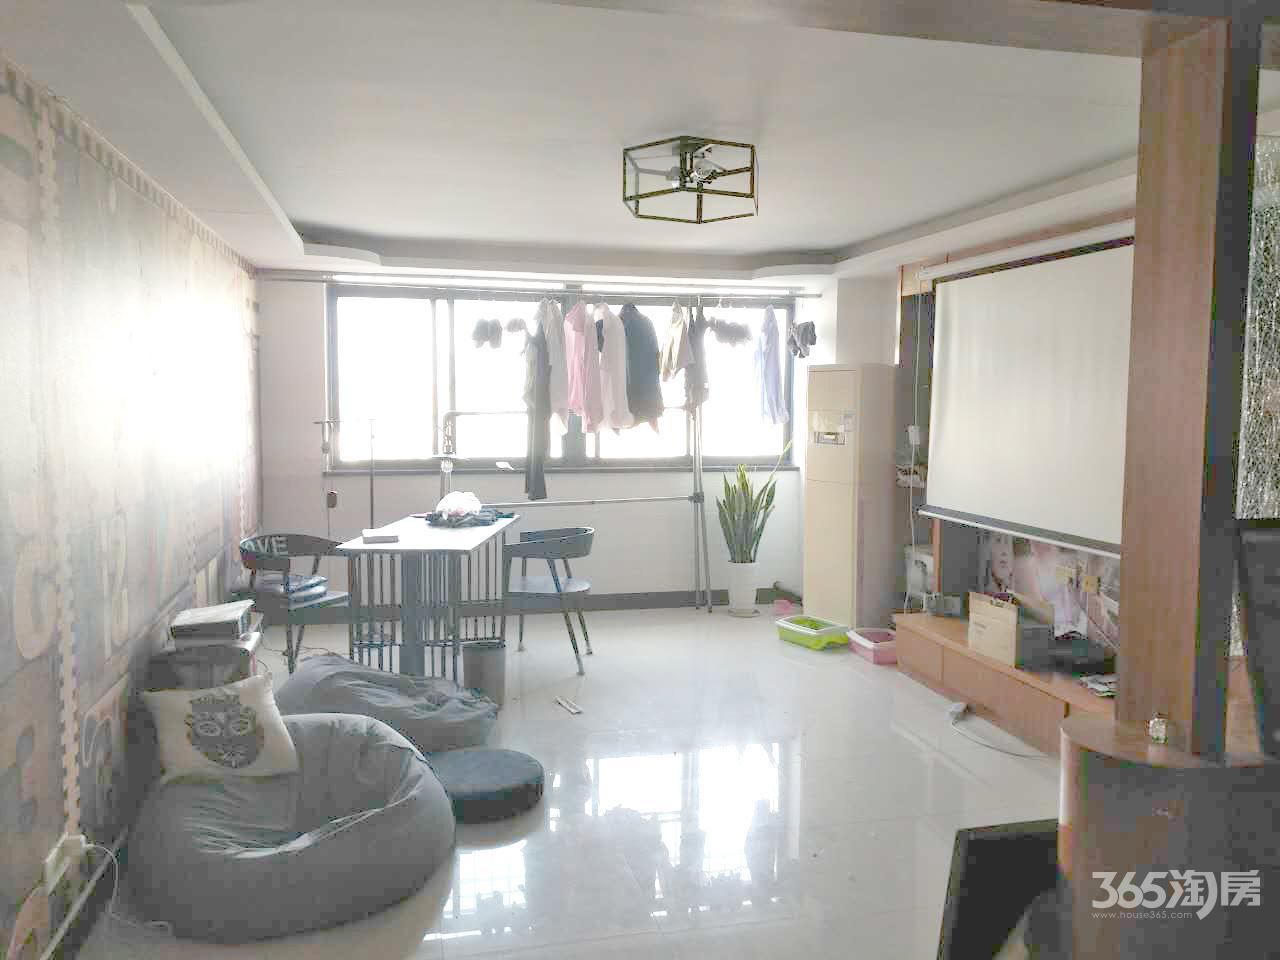 尚景公寓2室2厅1卫66.02平方产权房精装